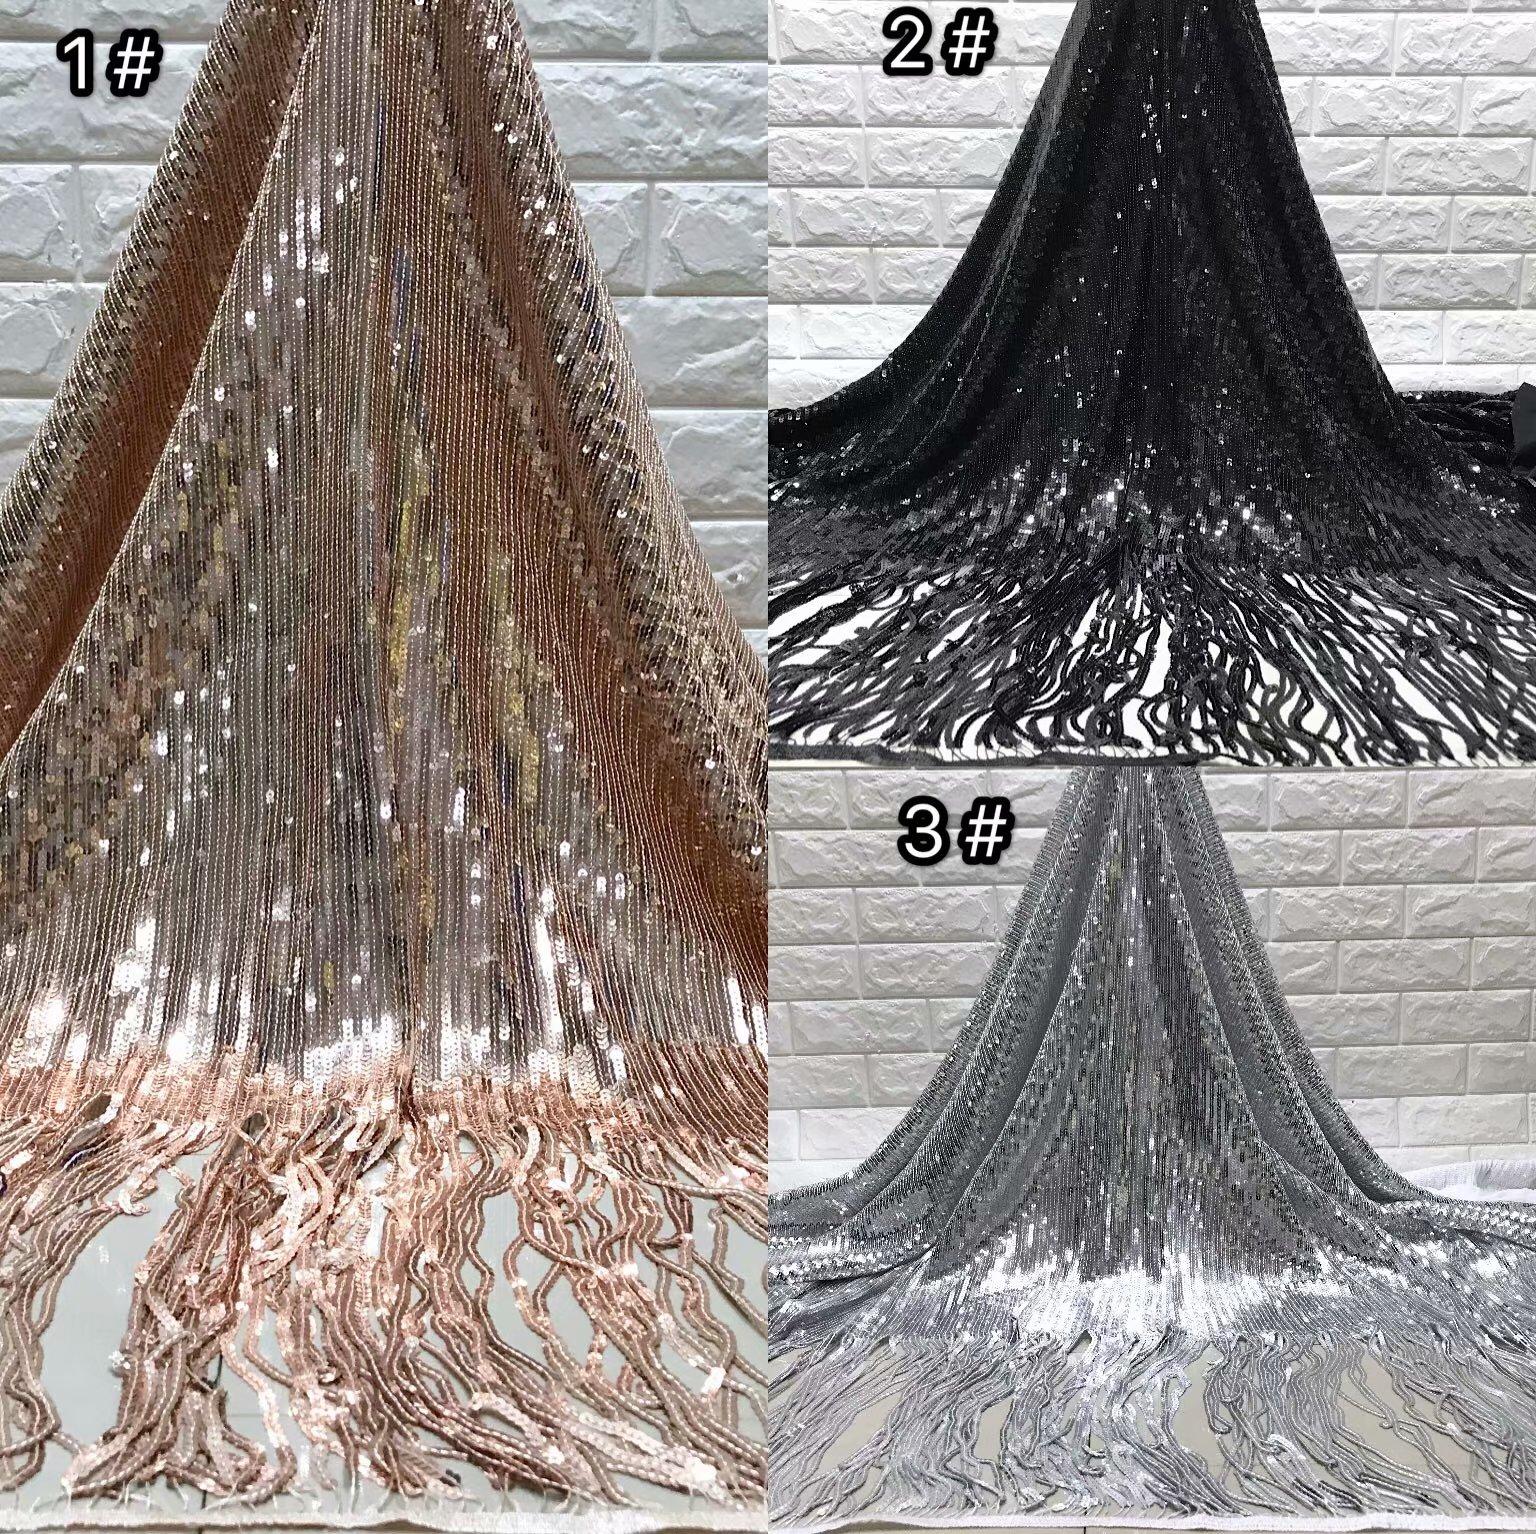 BEAUTIFICAL telas africanas de encaje Nuevo diseño de lentejuelas de encaje negro con borlas de lentejuelas para el vestido de encaje nigeriano 5 yardas ML5N594